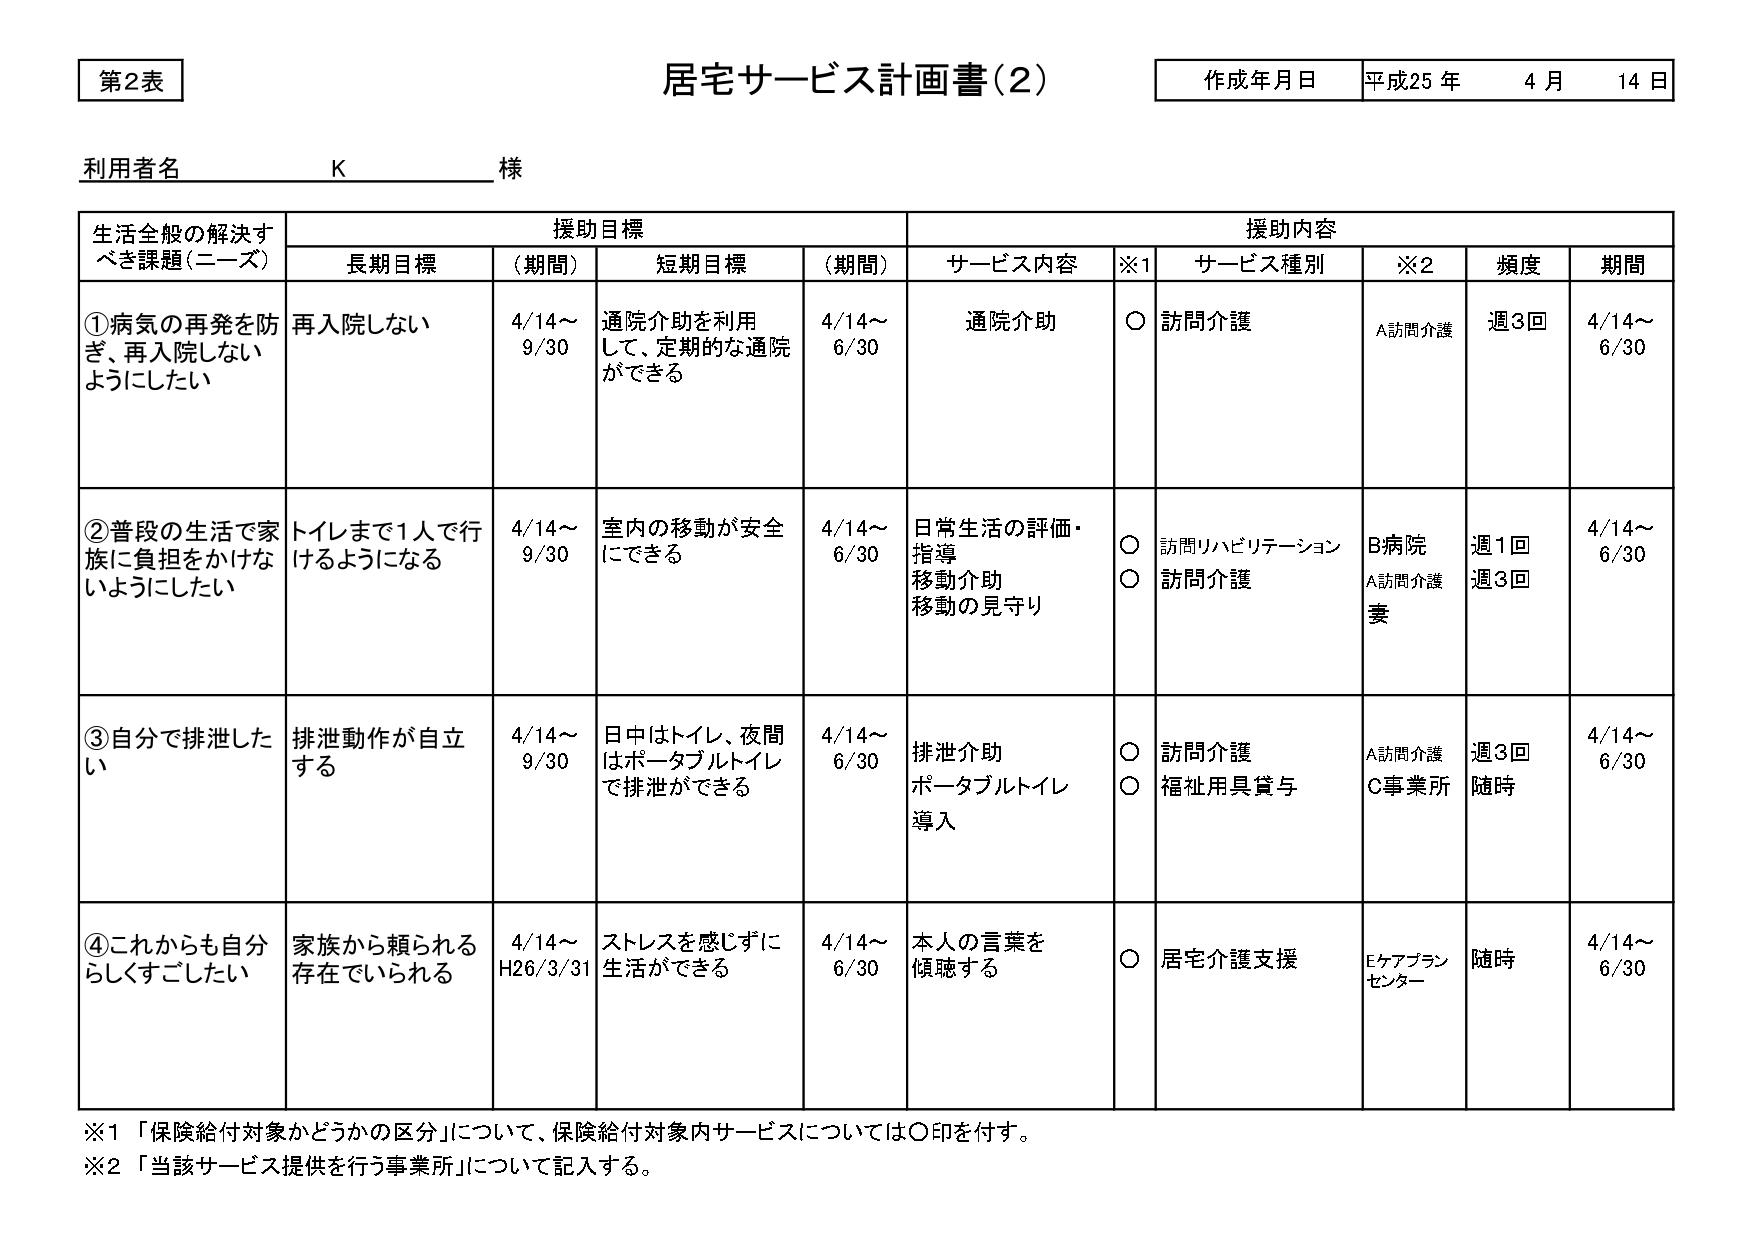 居宅サービス計画書の雛形(2)